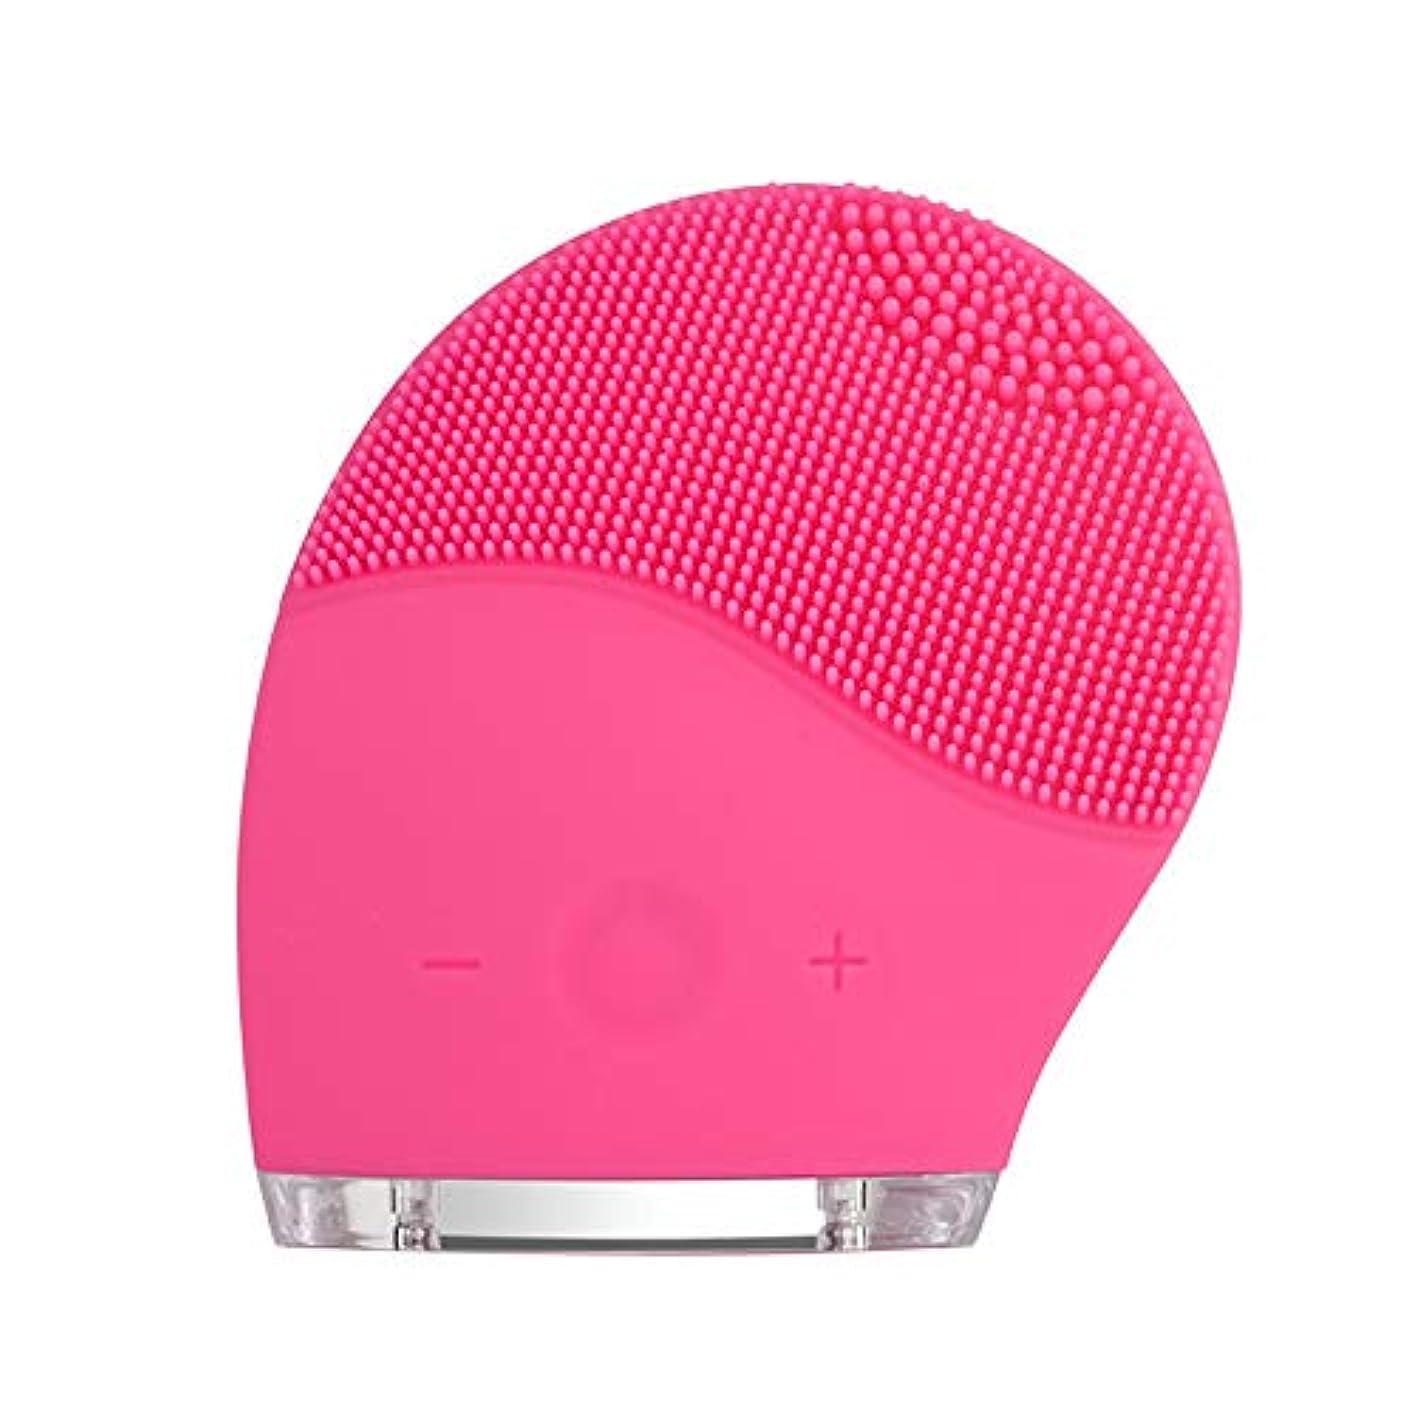 妖精ずらすレンダーkaixi 2019最新のシリコーンクレンジング楽器洗浄ブラシ電気美容器具毛穴きれいな柔らかい髪振動充電式洗浄アーティファクト